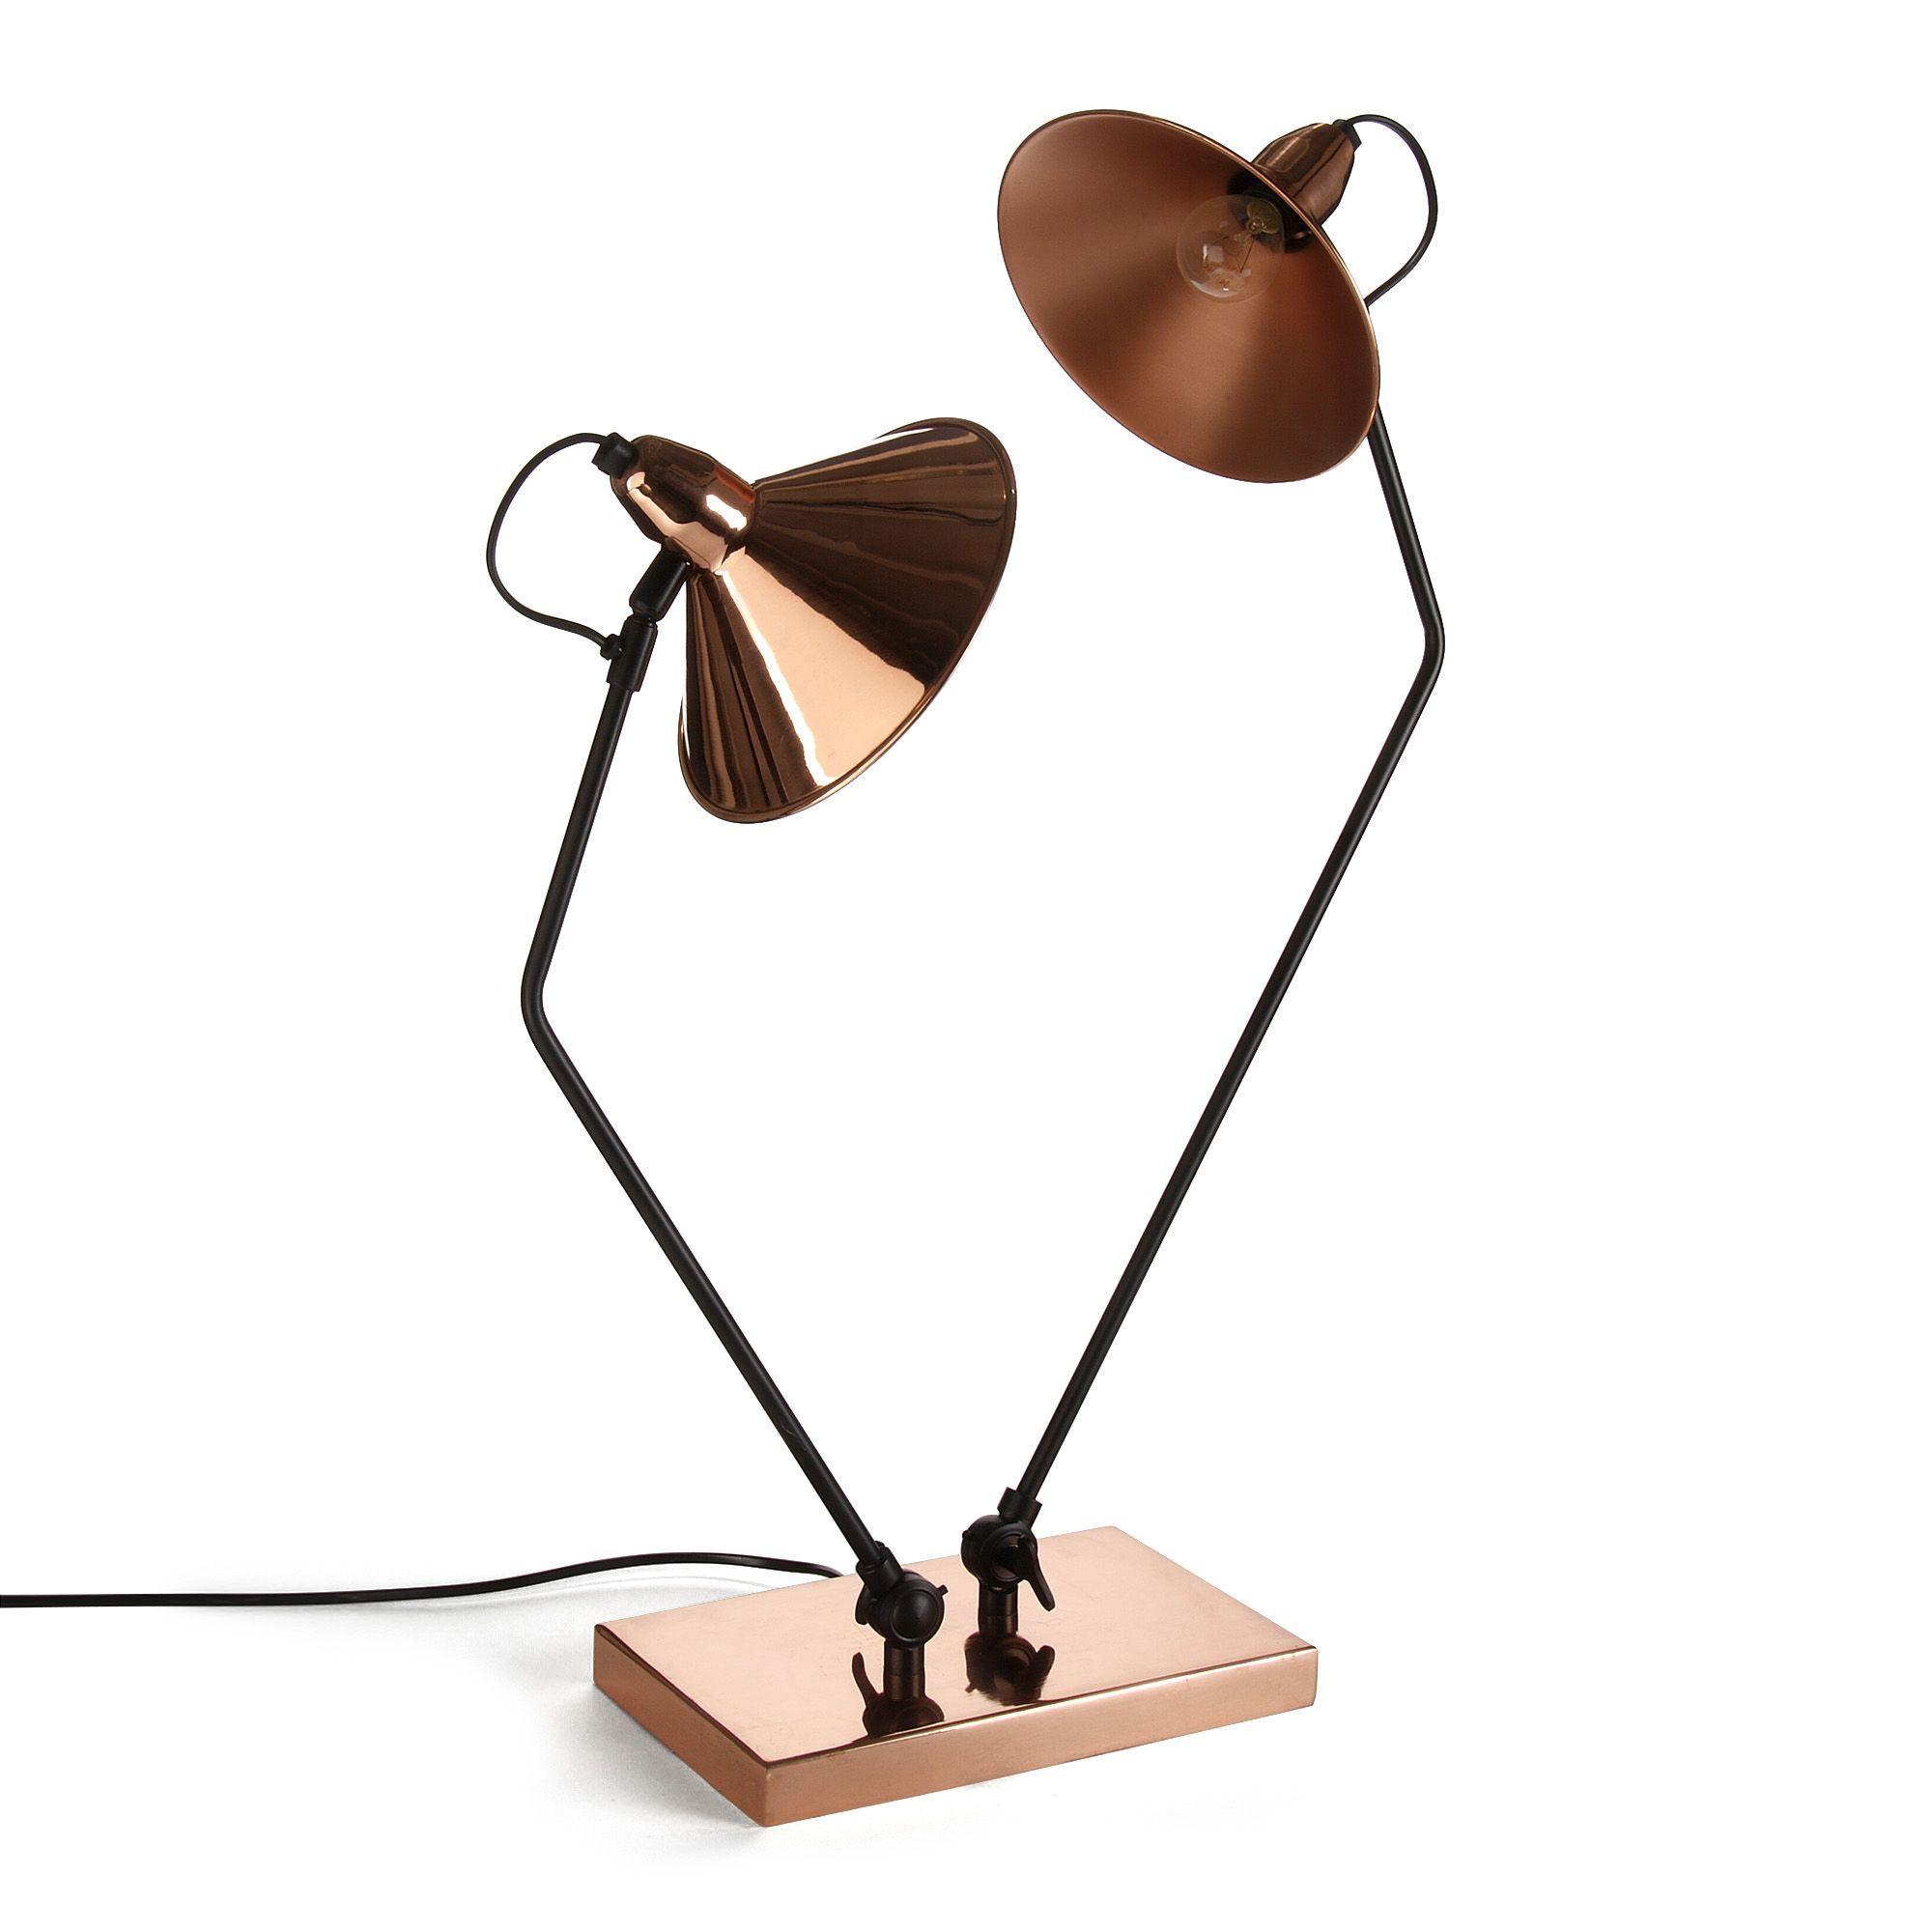 lampe de chevet alinea lampes de chevet alinea lampes de. Black Bedroom Furniture Sets. Home Design Ideas